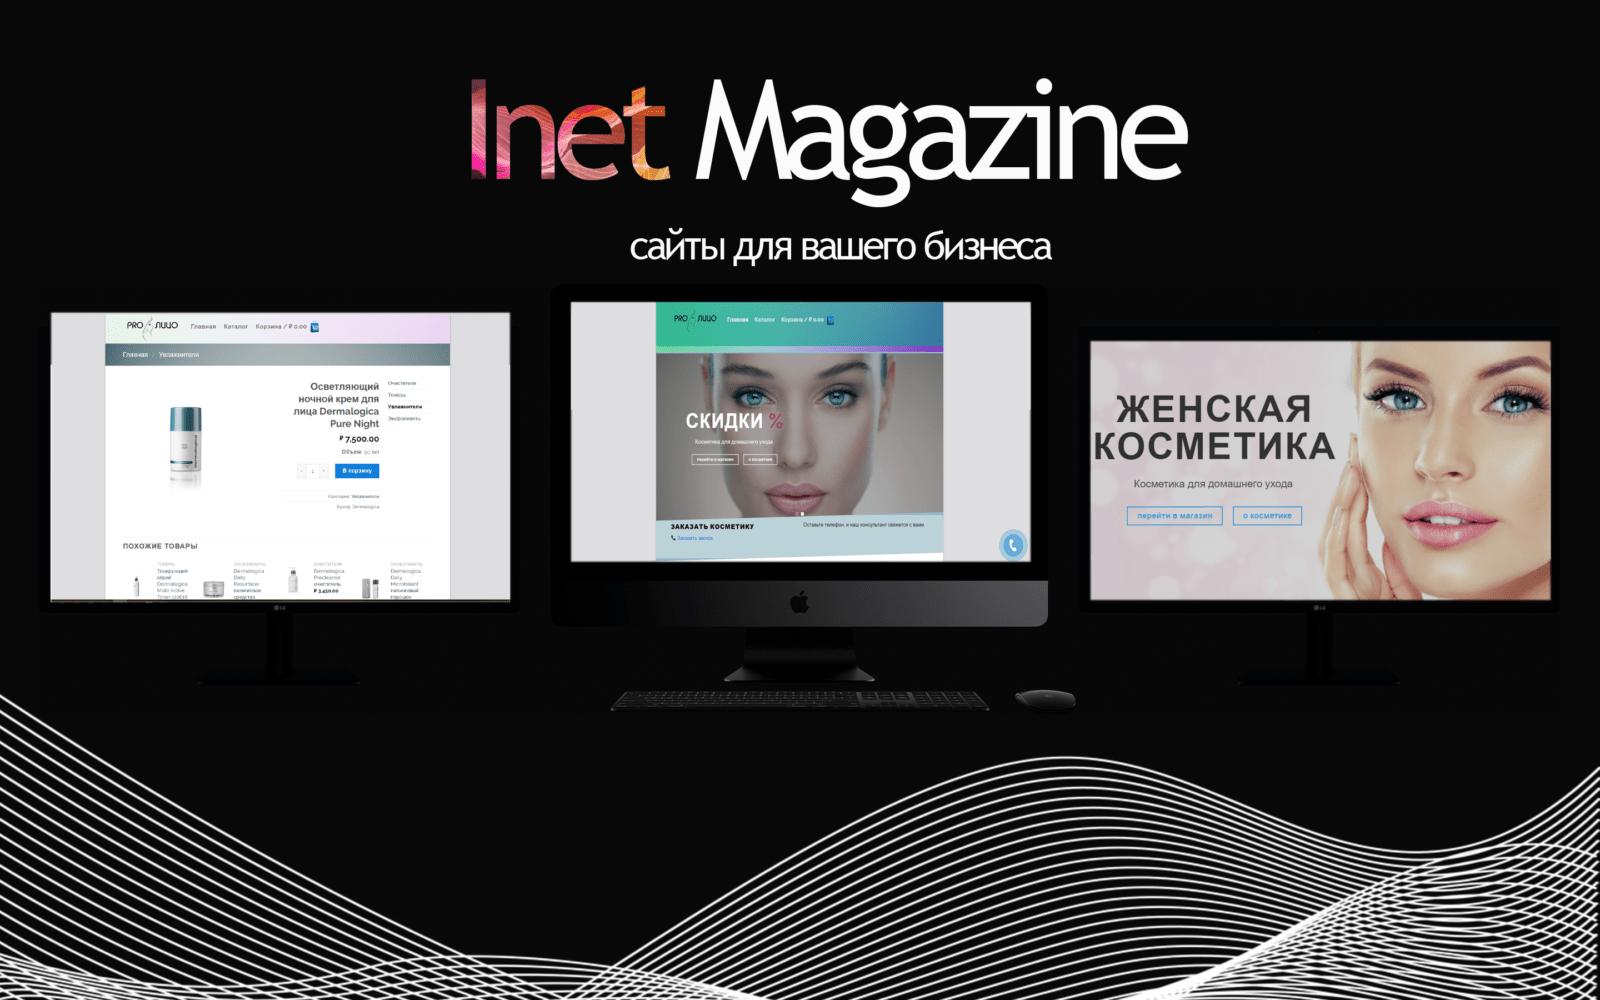 Разработка интернет-магазина женской косметики